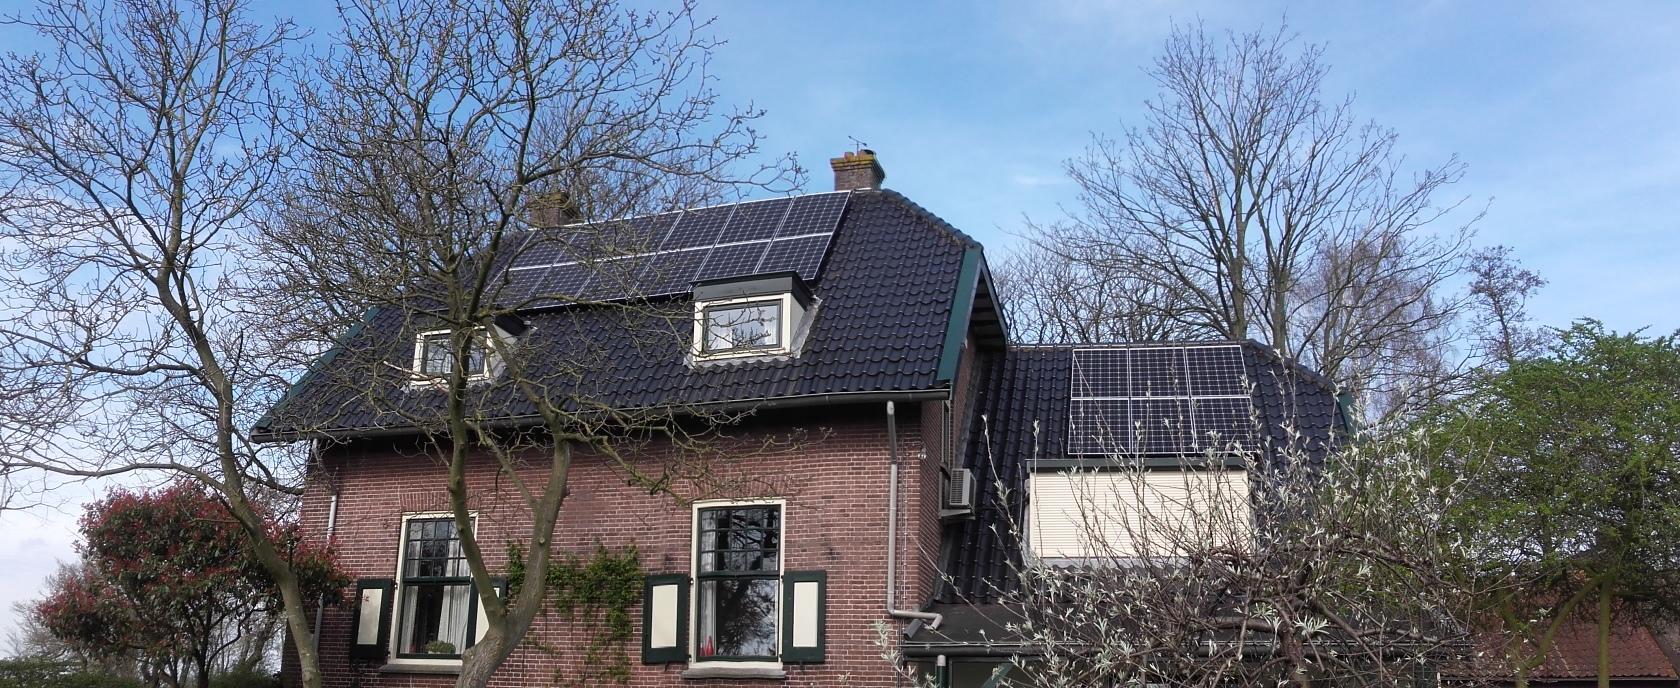 Solarwatt Batterij opslag voor zonnepanelen